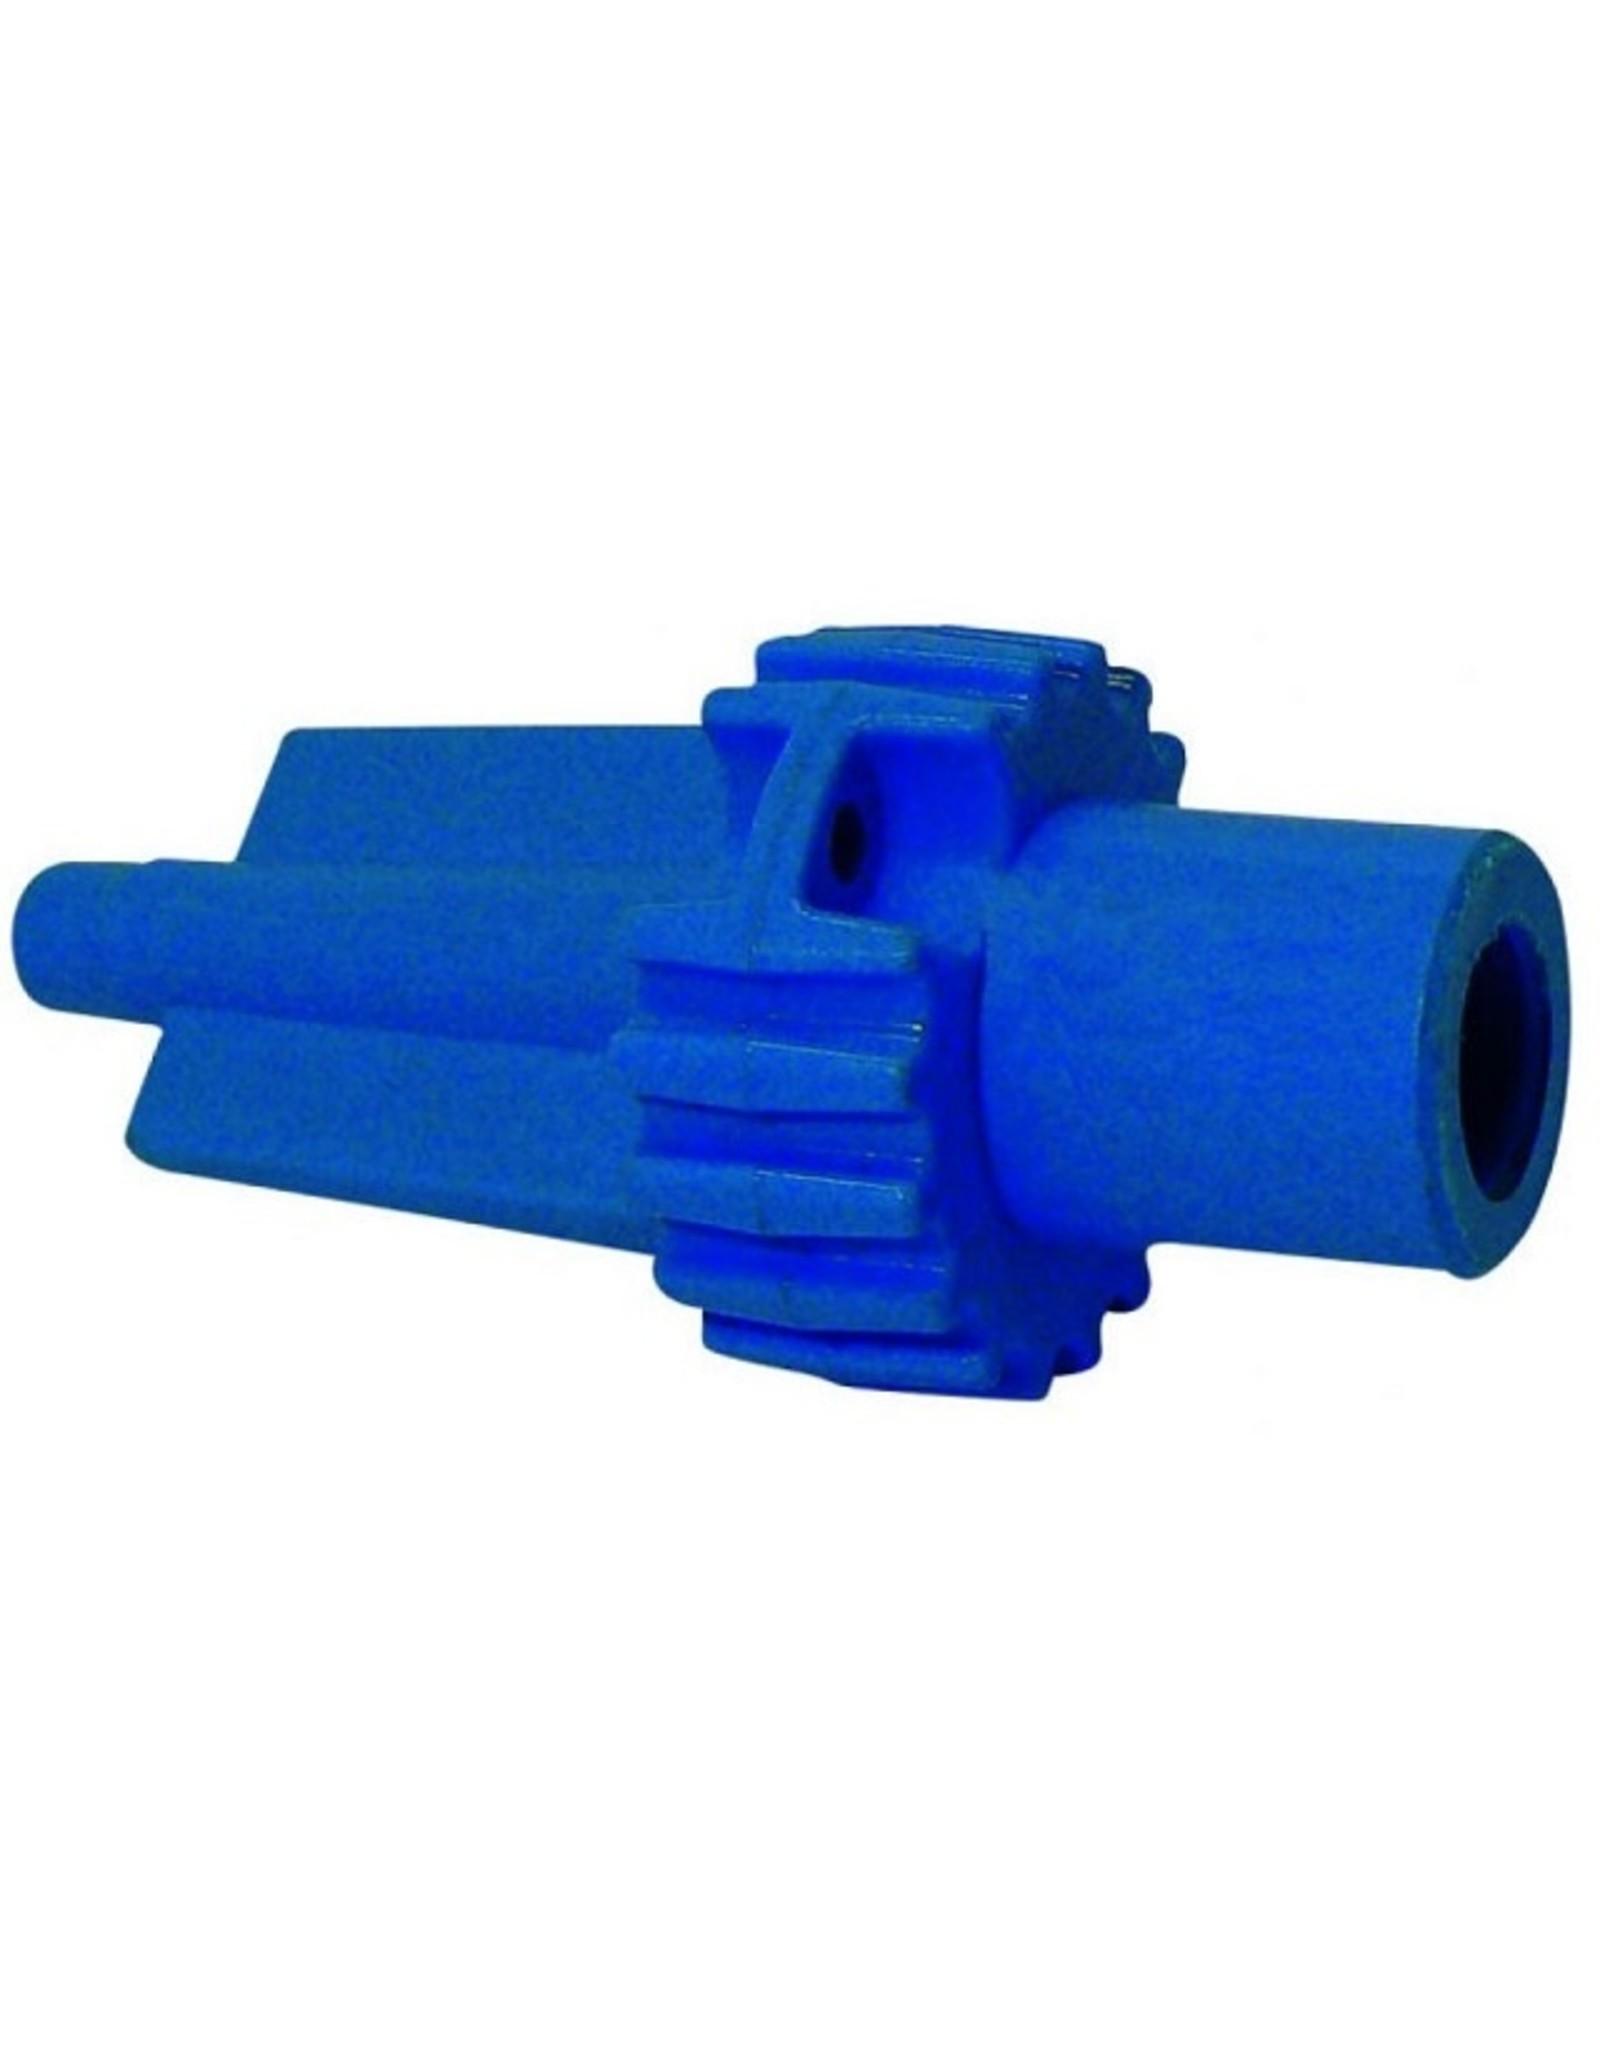 Hebor Watersport Adapter voor plastimo fender ventielen